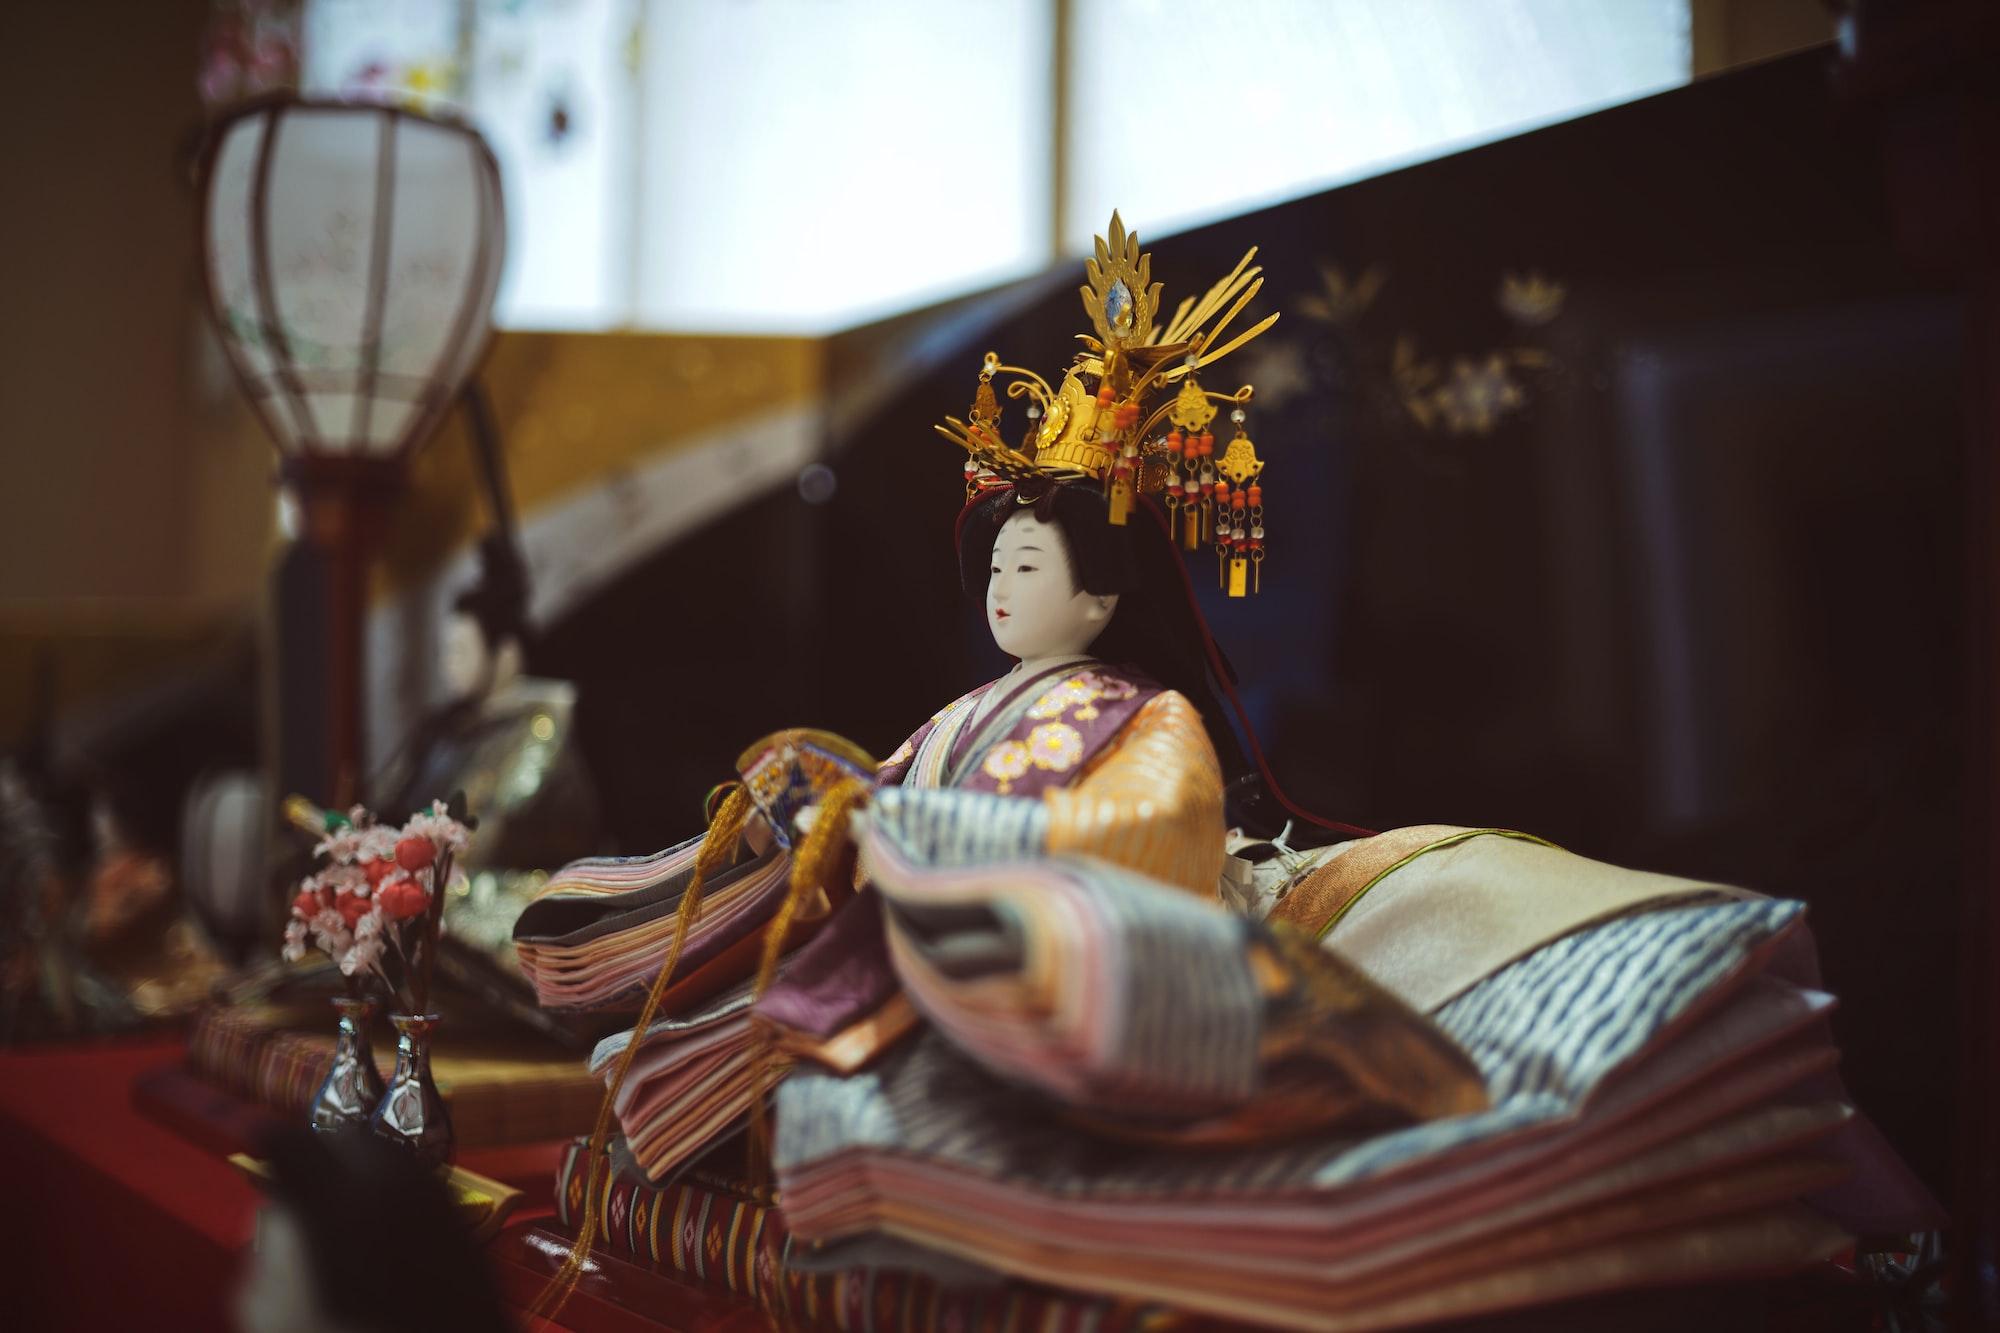 Japon İmparatoruna Verilen Ad Bulmaca Anlamı Nedir?